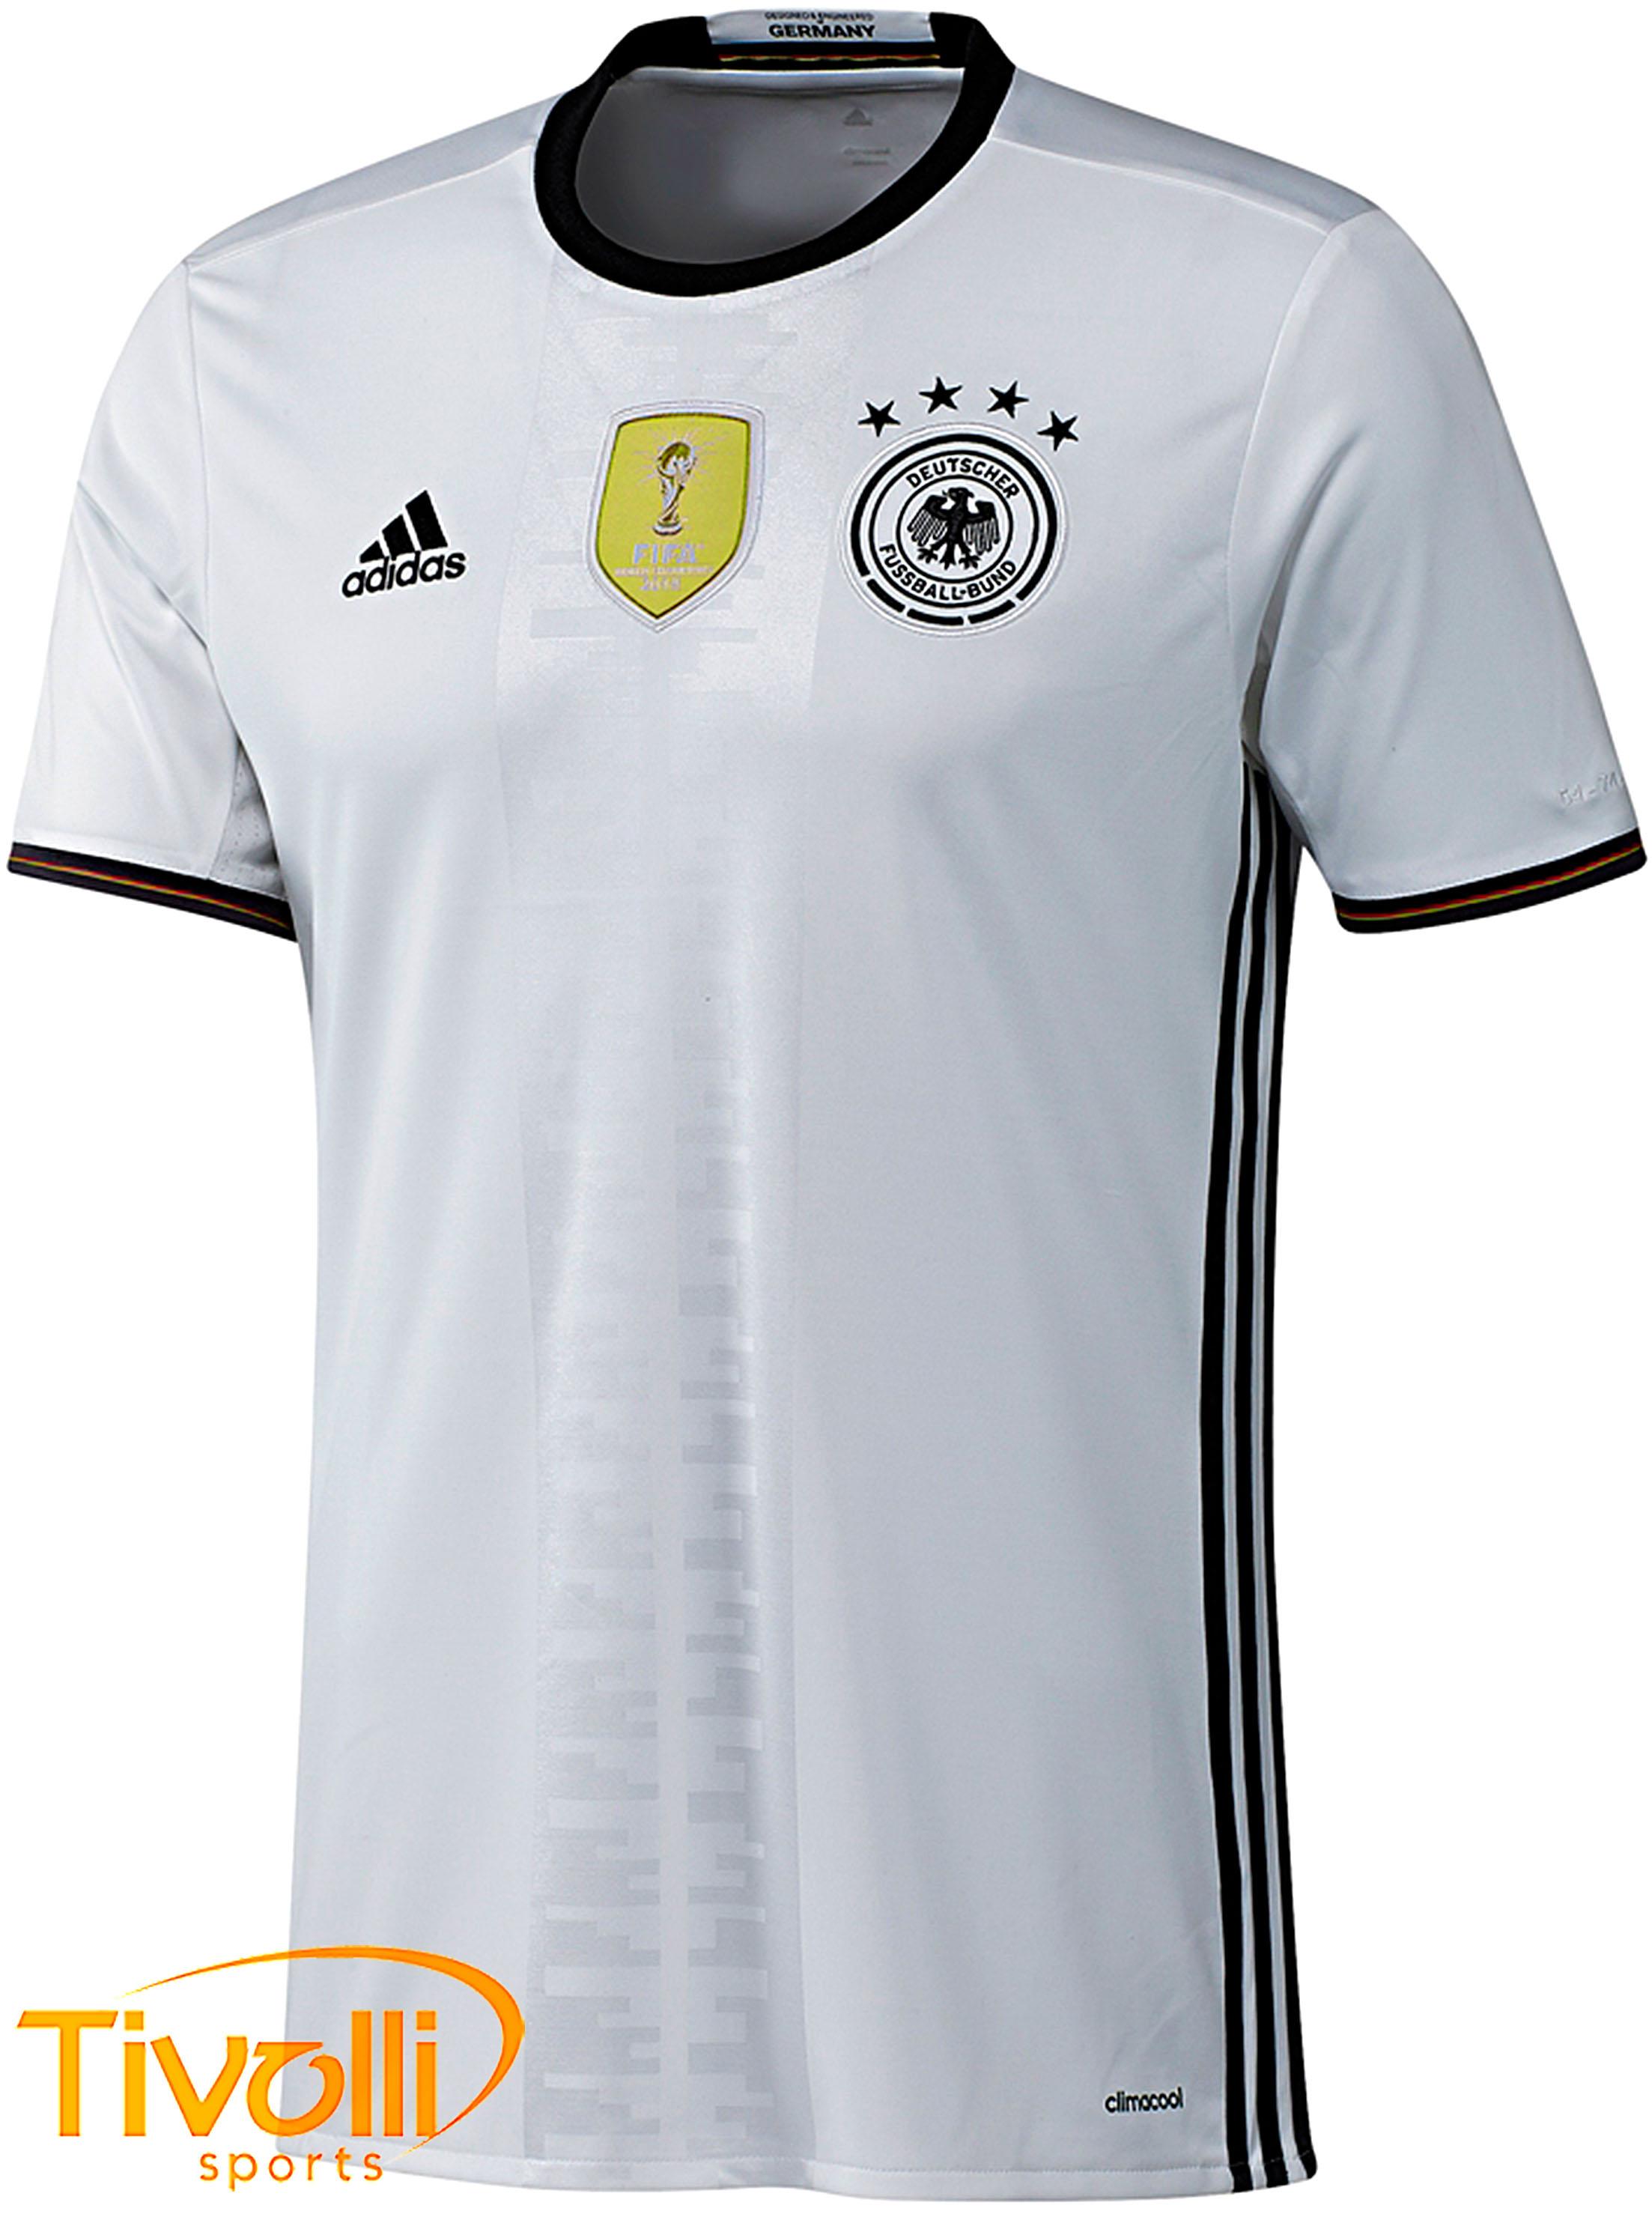 Camisa Alemanha I Adidas Euro 2016   - Black Friday   6476d15ffc5a3